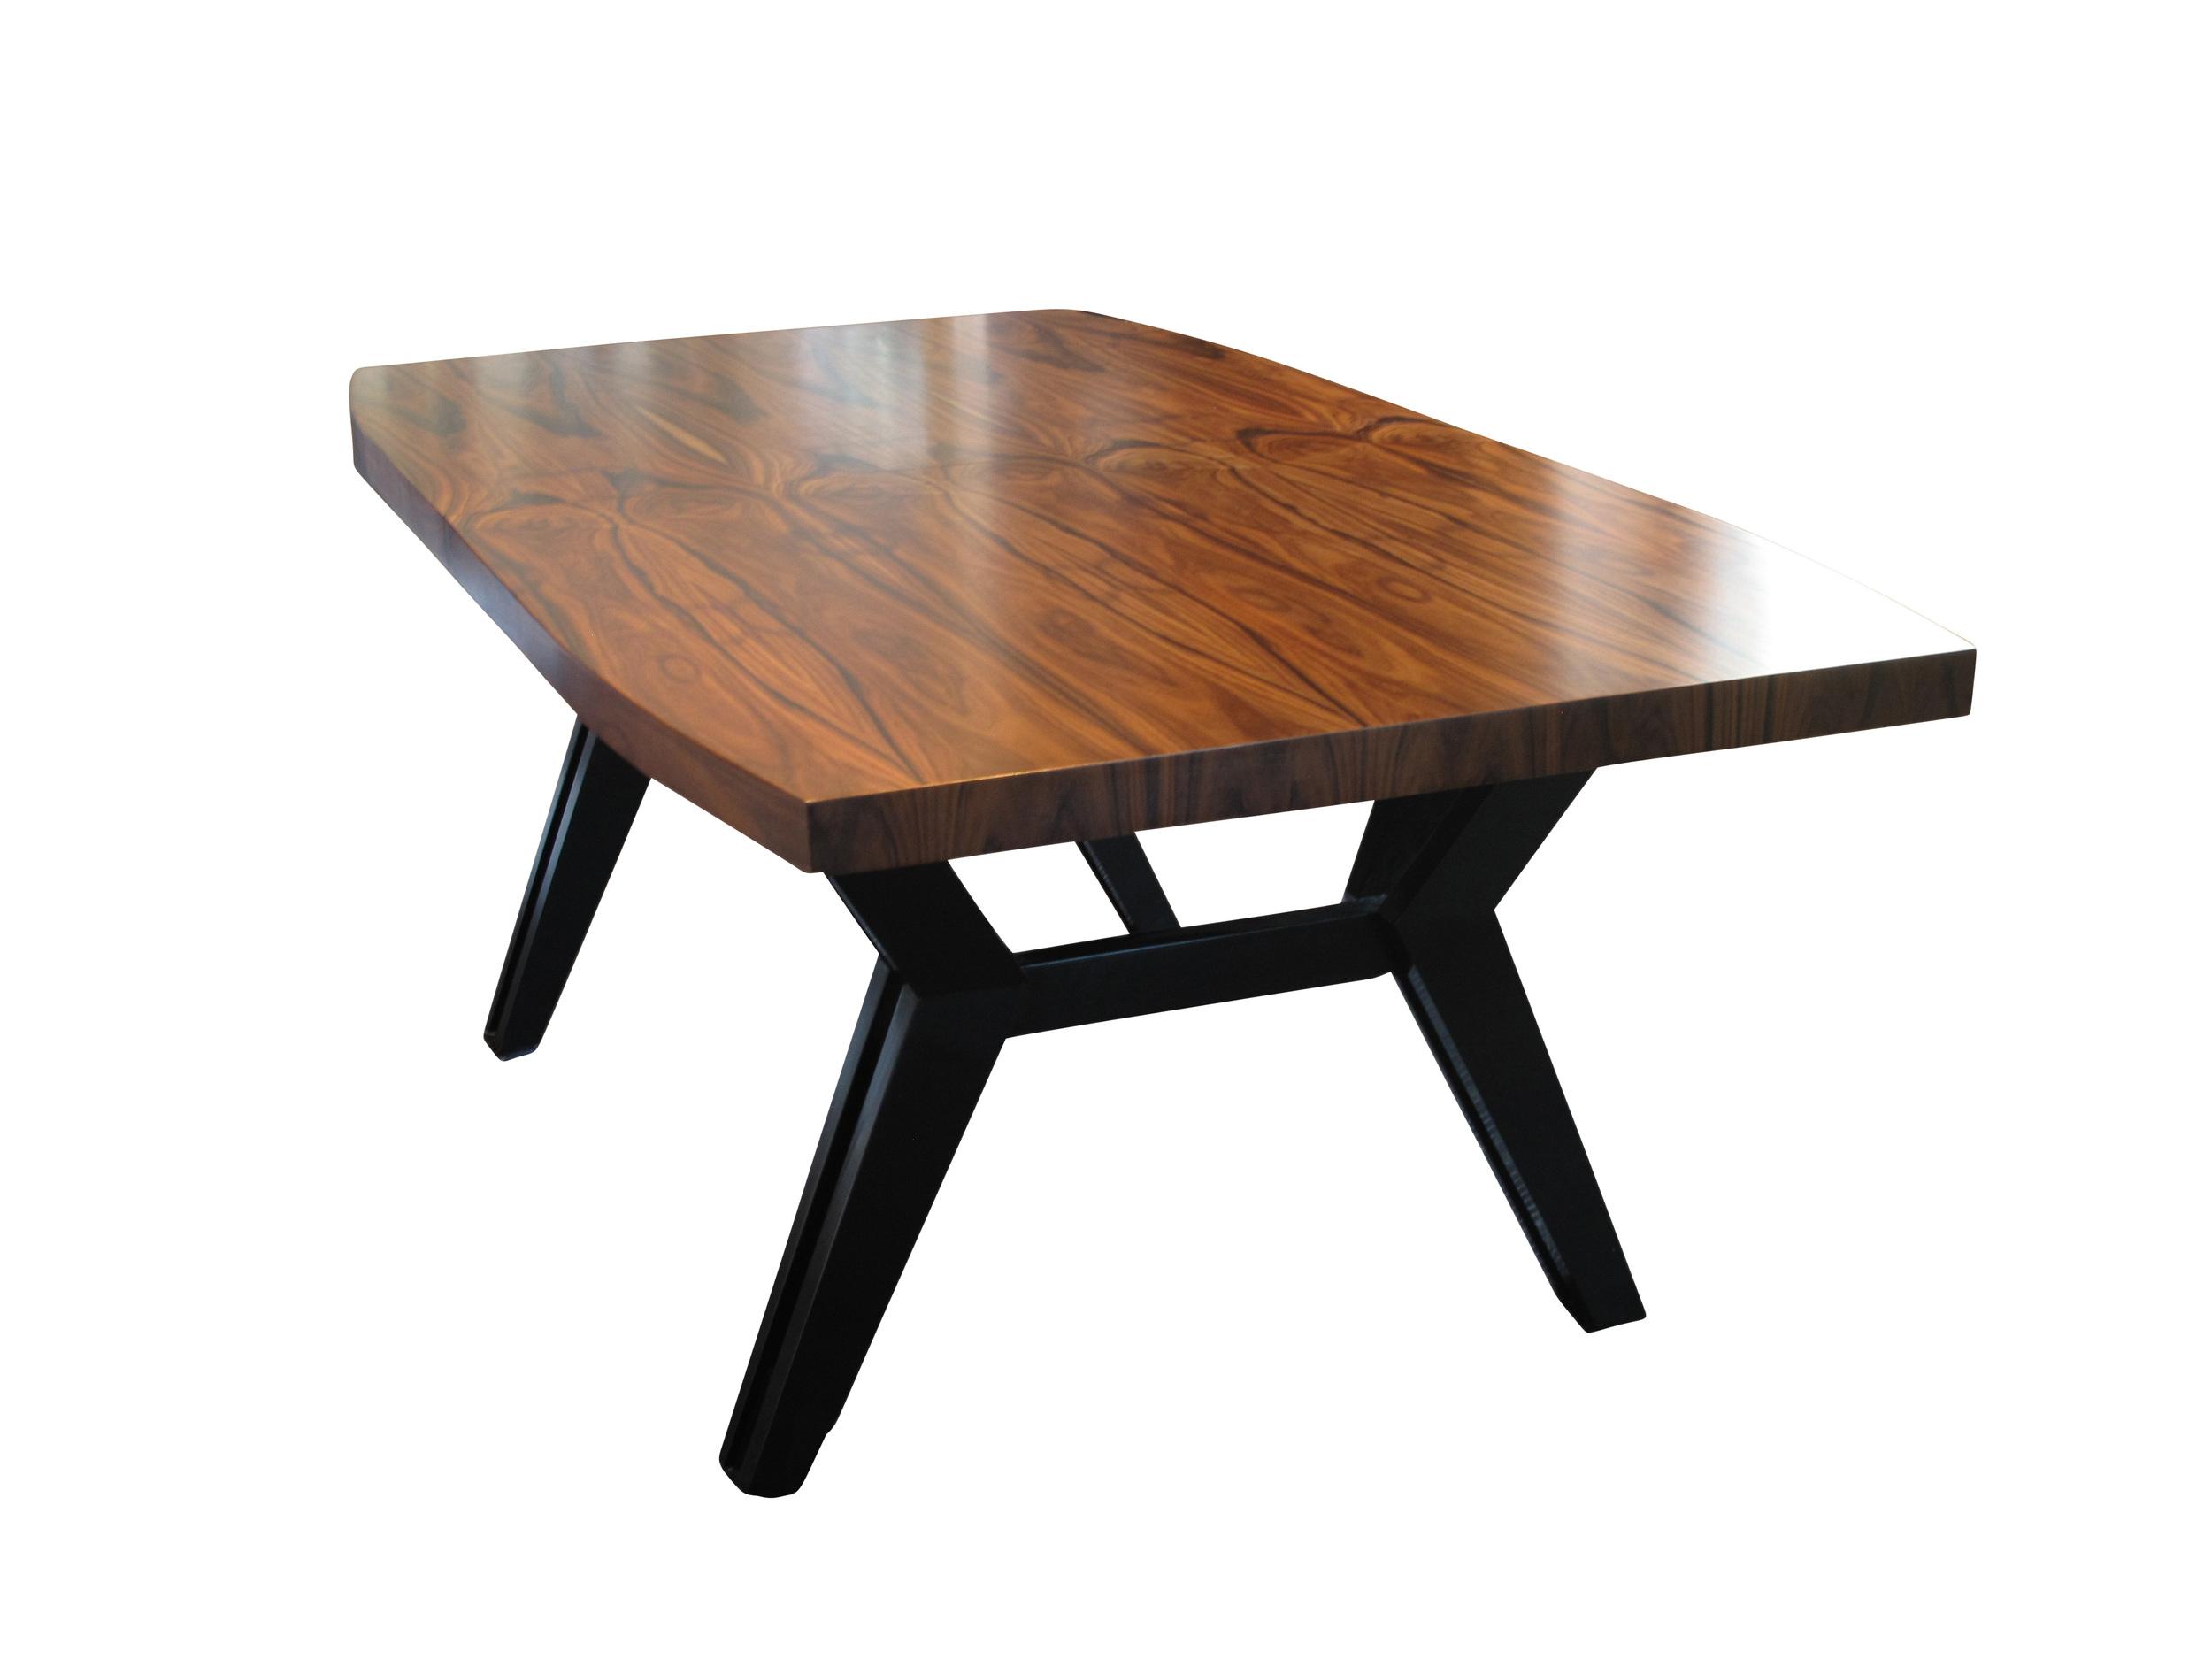 LOCUST Table